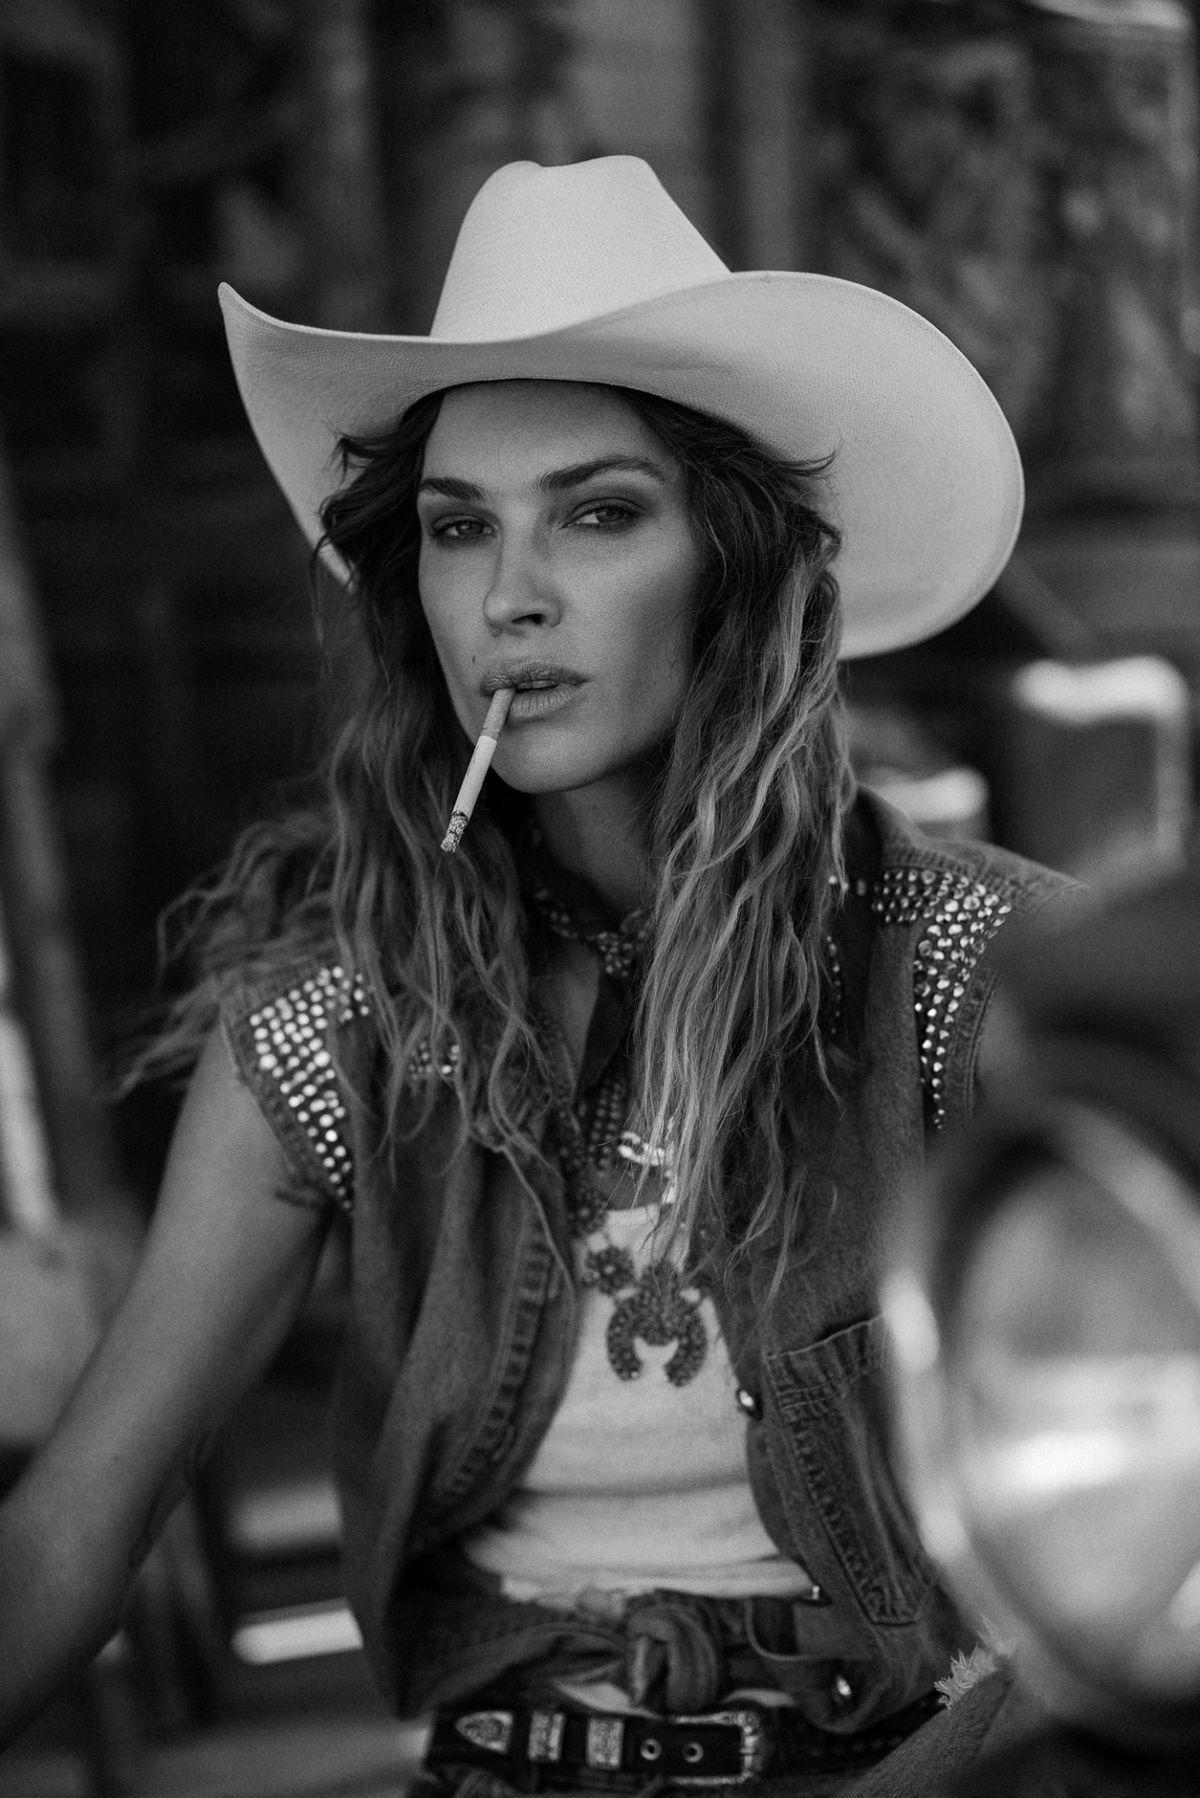 Pin von Yℓℓєи auf #Wild Wild West# (mit Bildern) | Boho